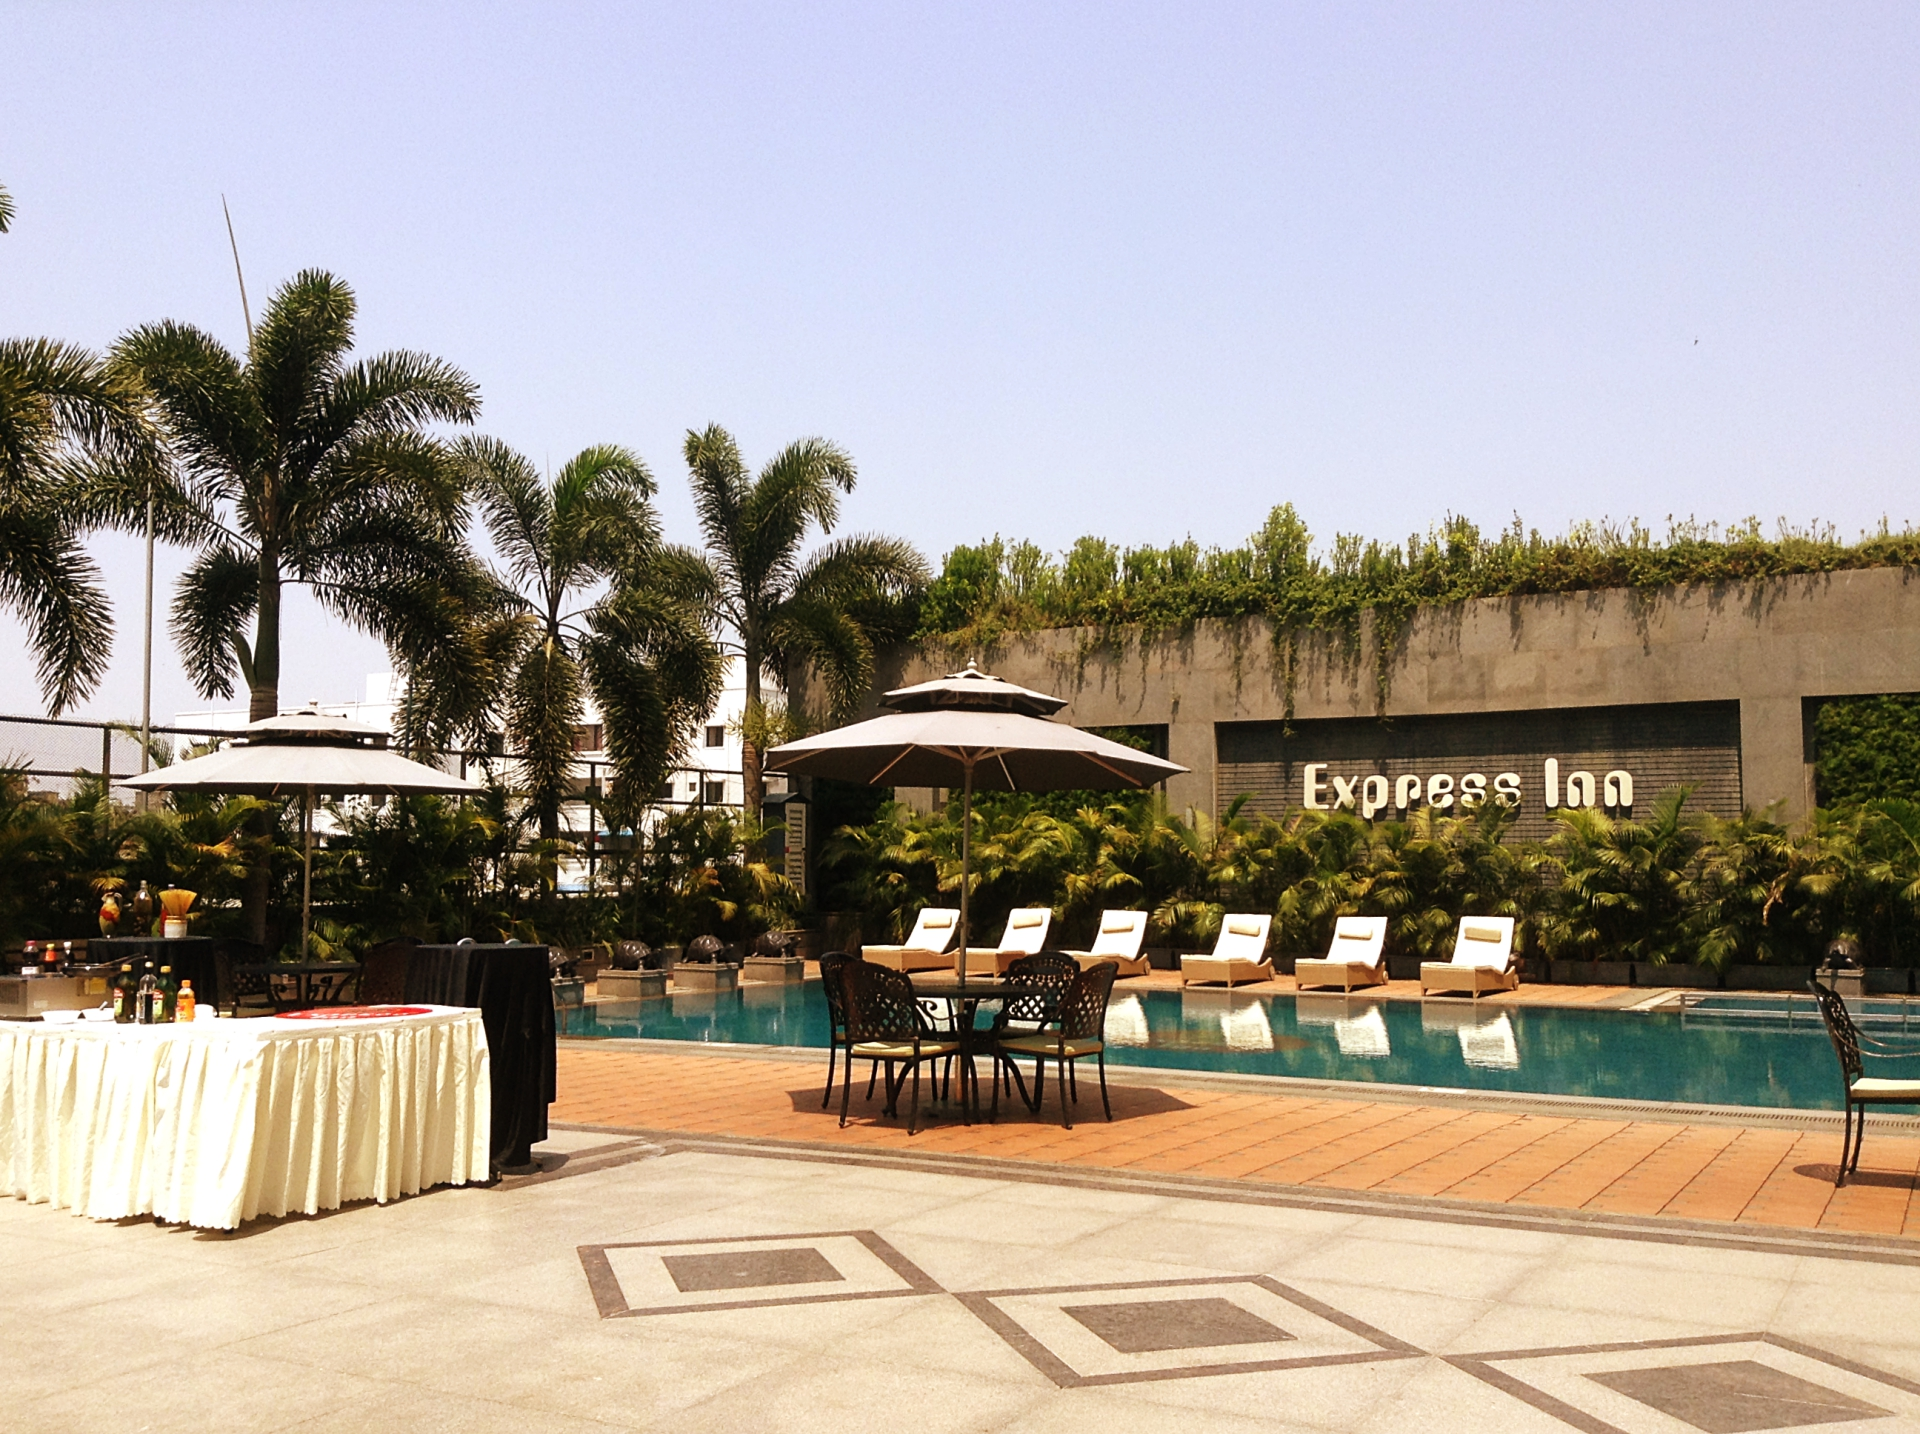 Express Inn Outdoor Pool